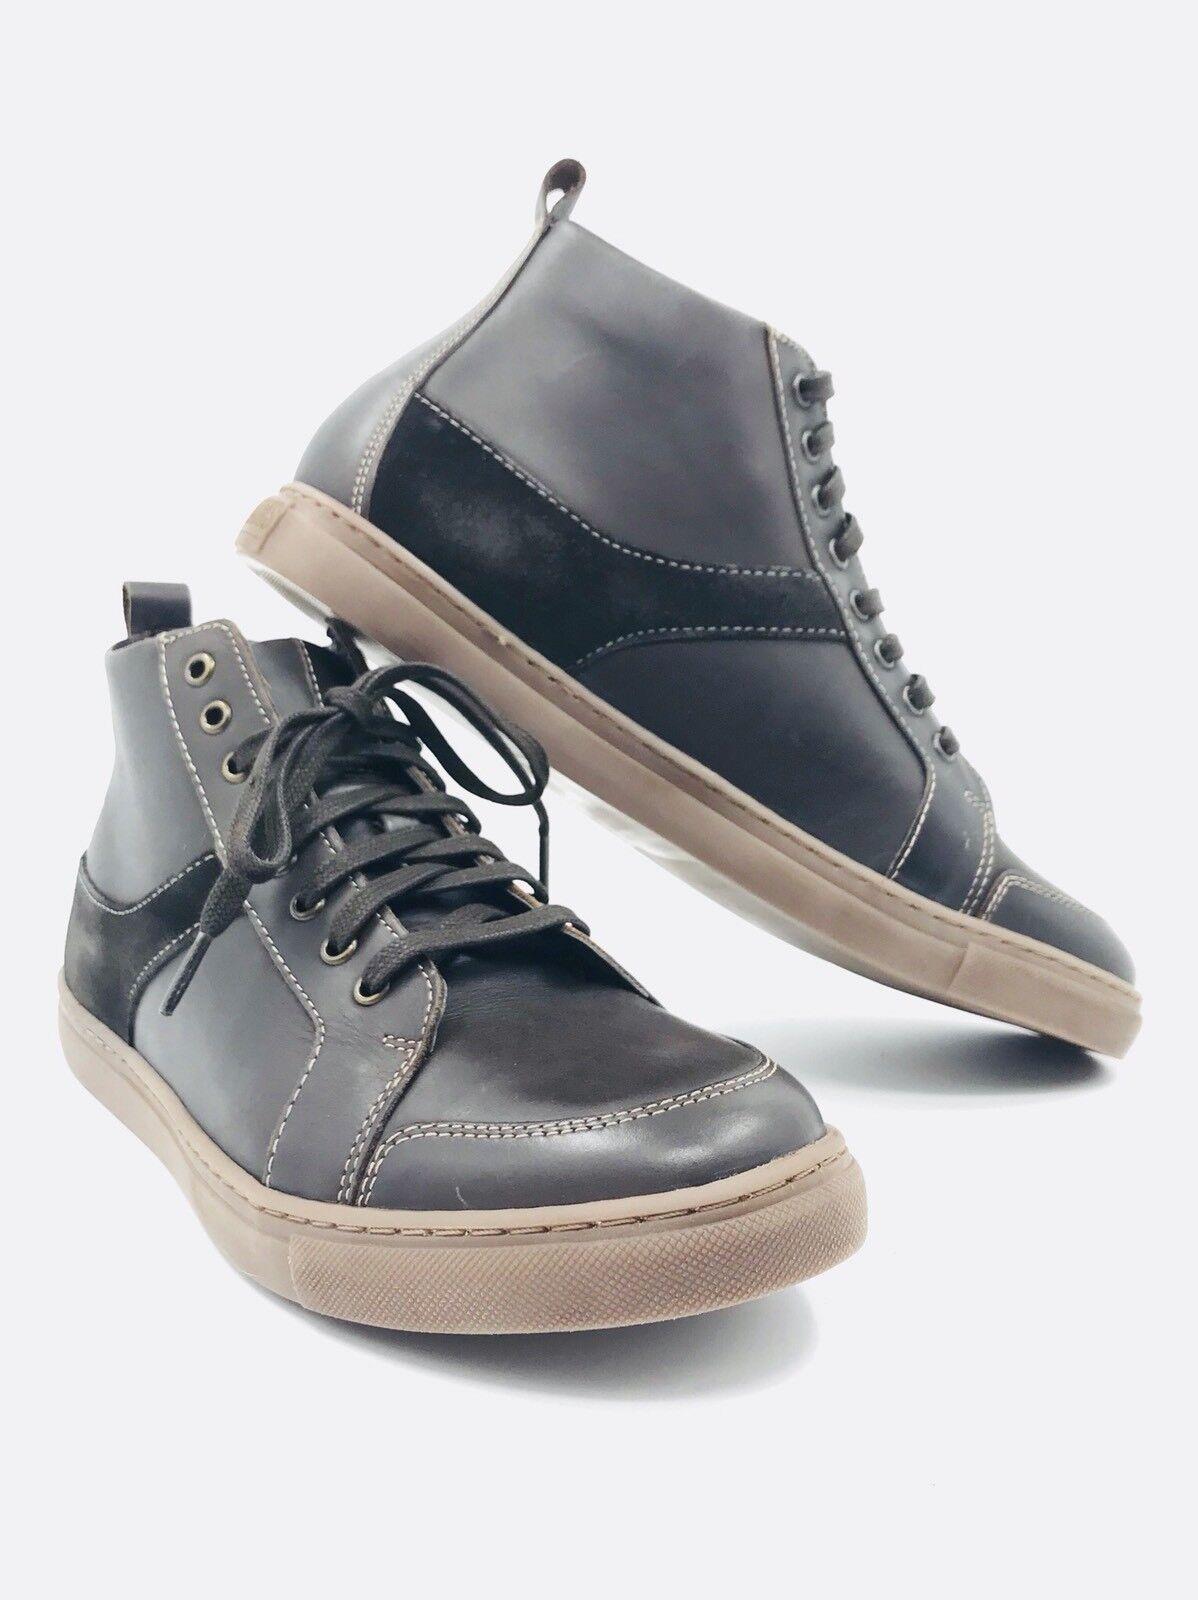 per offrirti un piacevole shopping online Stacy Adams Winchell Moc Moc Moc Toe Casual Chukka avvio scarpe Marrone Leather Uomo Dimensione 9.5  spedizione e scambi gratuiti.